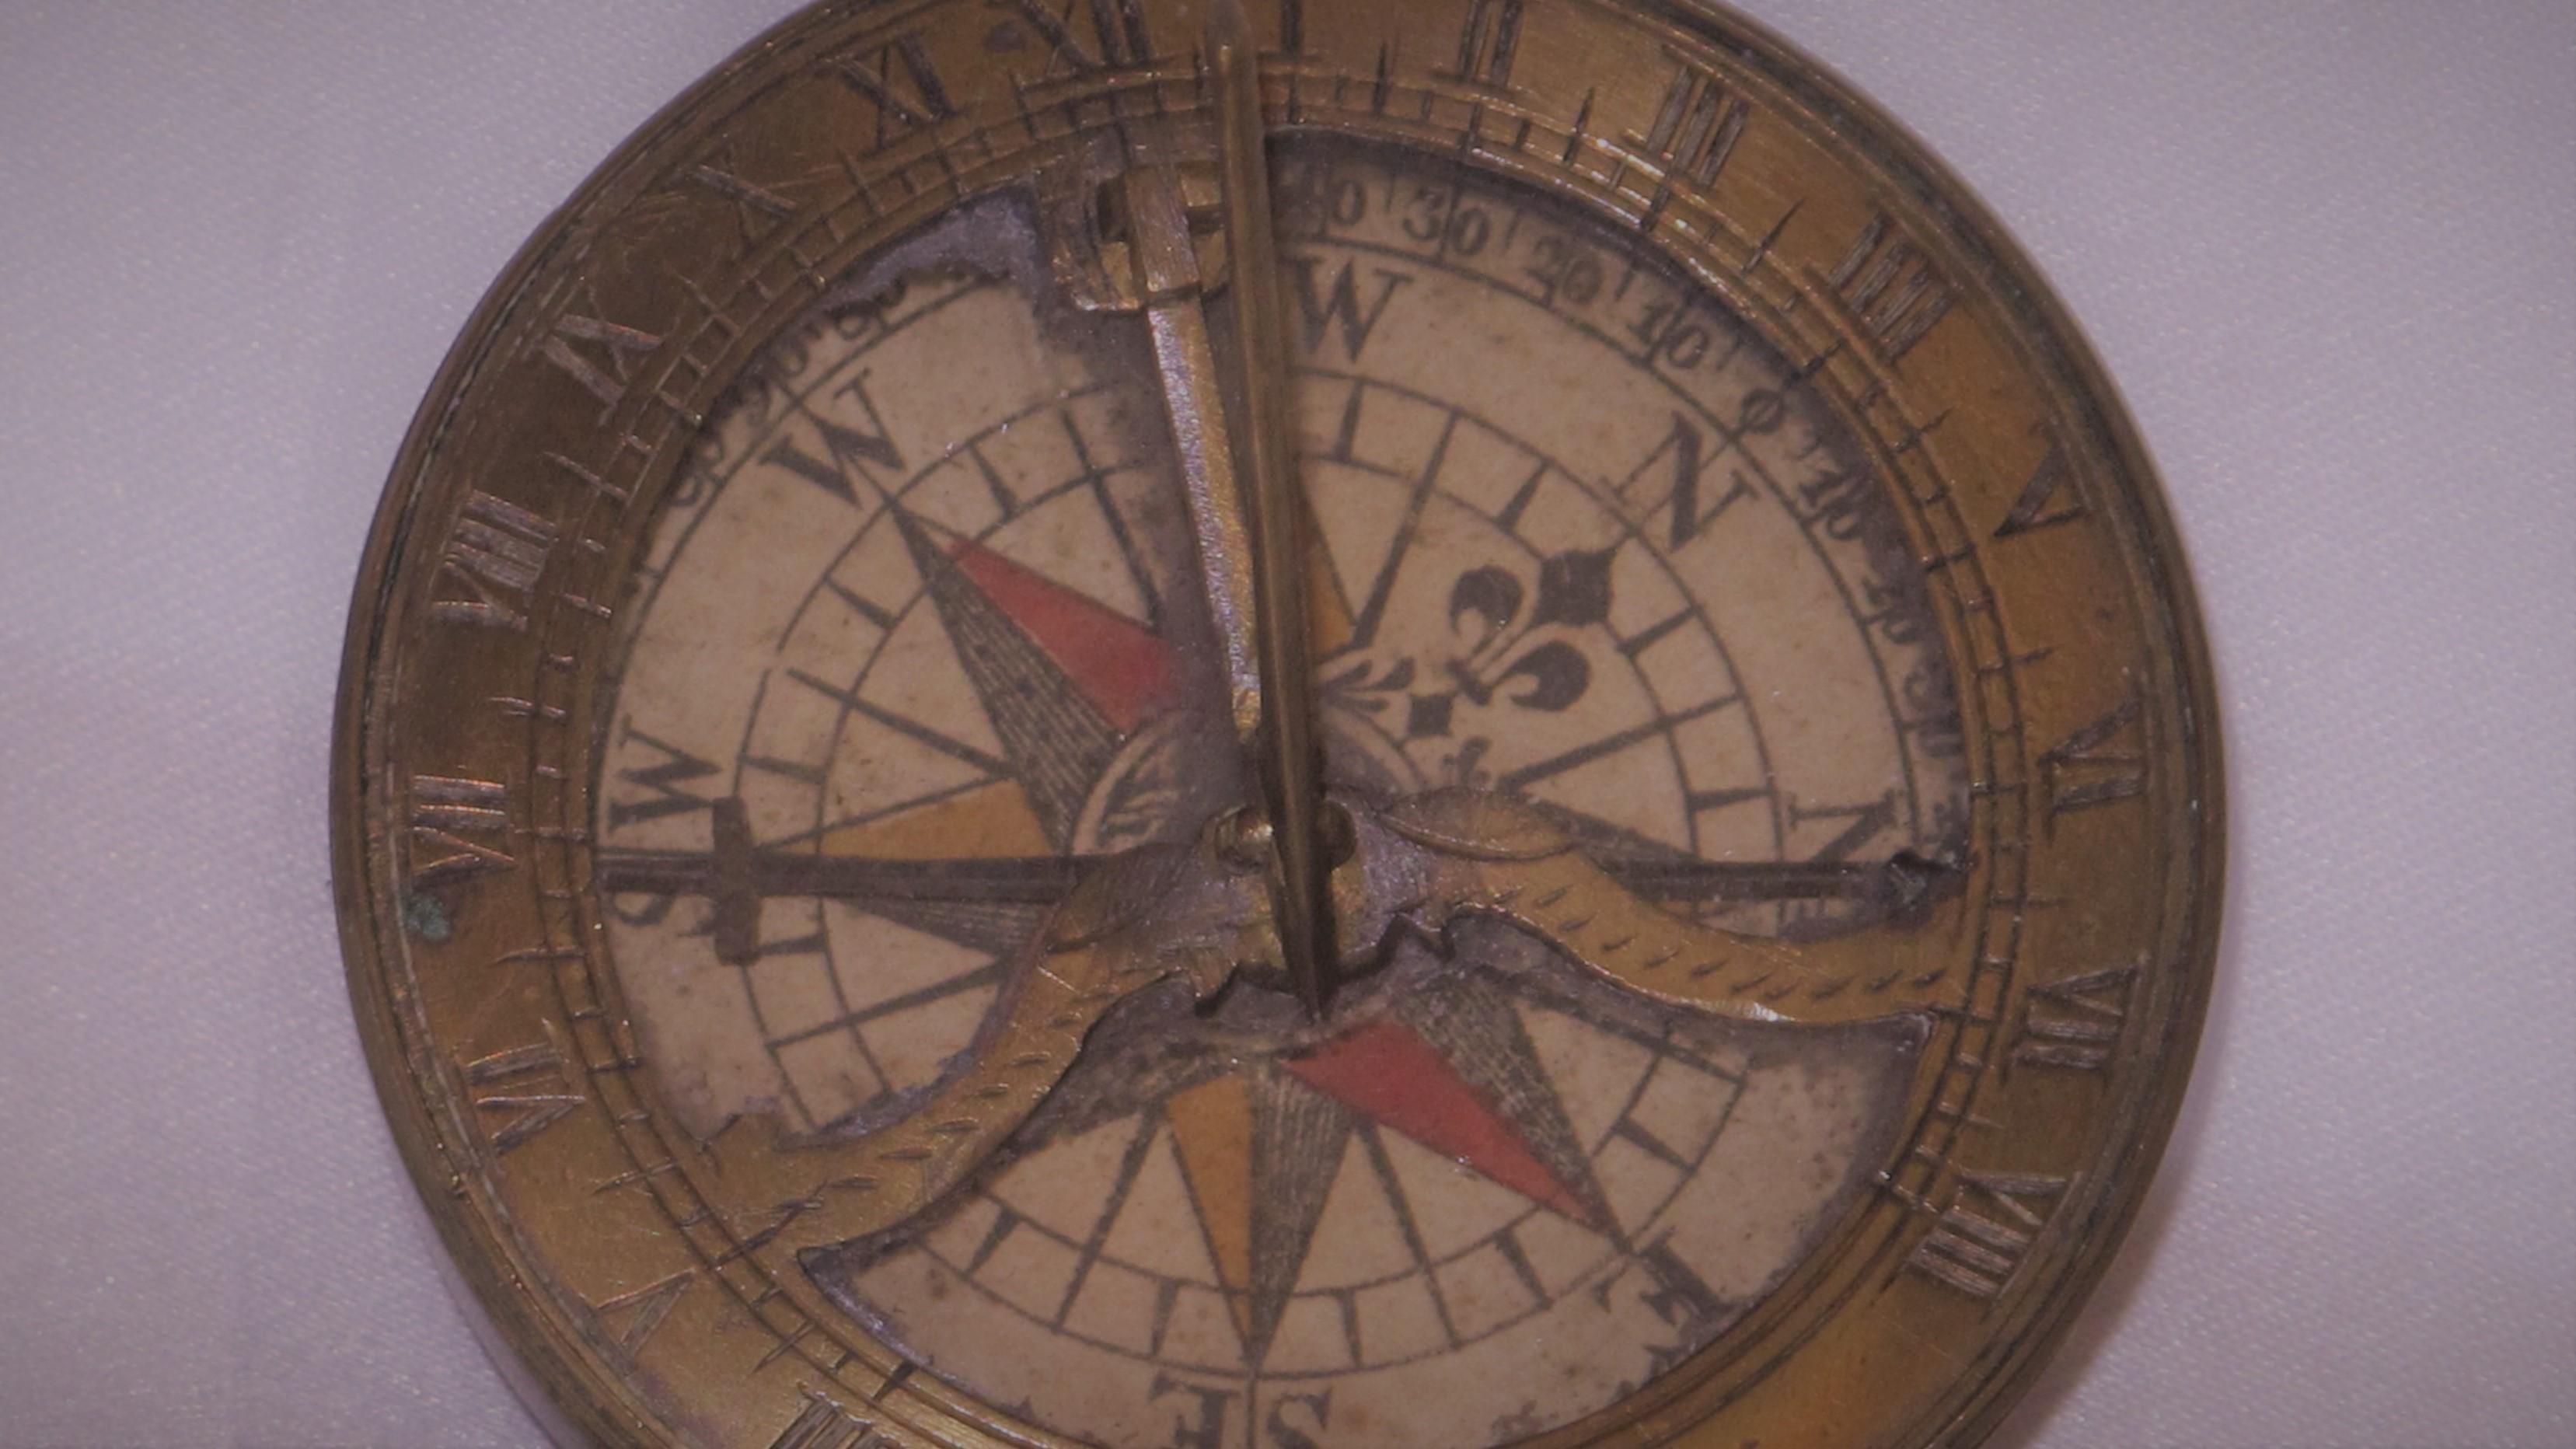 Навигационные приборы для кораблей в средние века